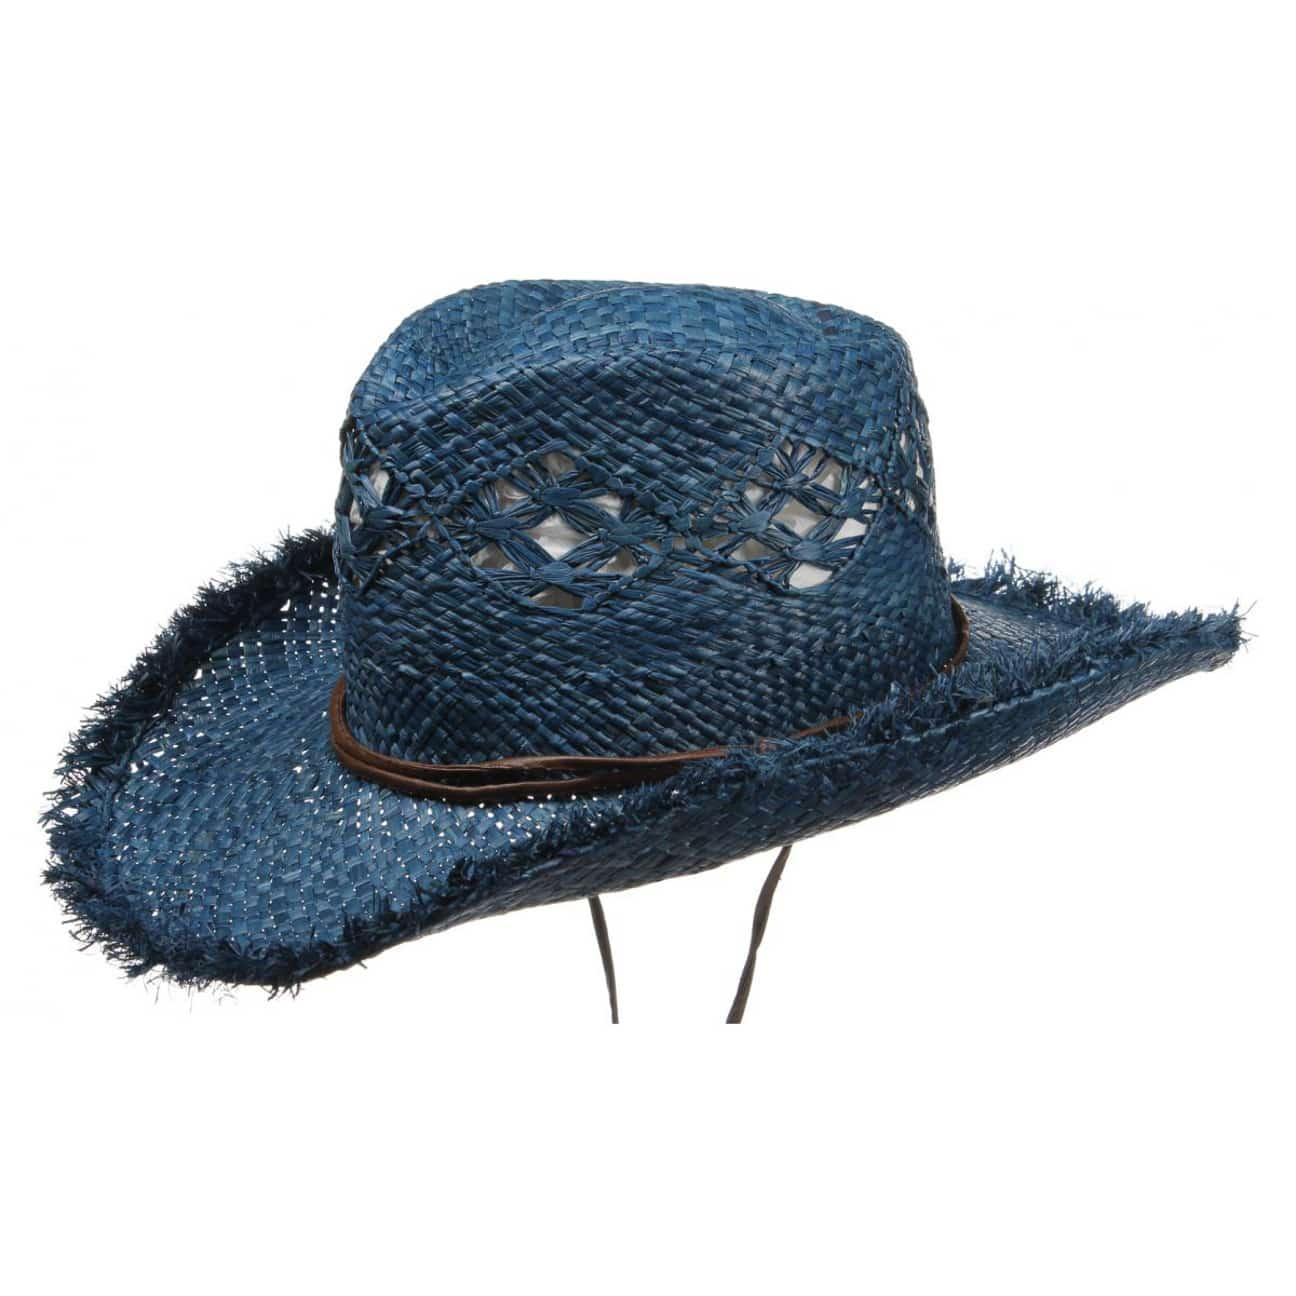 Sombrero de Paja Cowboy Mujer by Seeberger - Sombreros - sombreroshop.es 1794182e022a